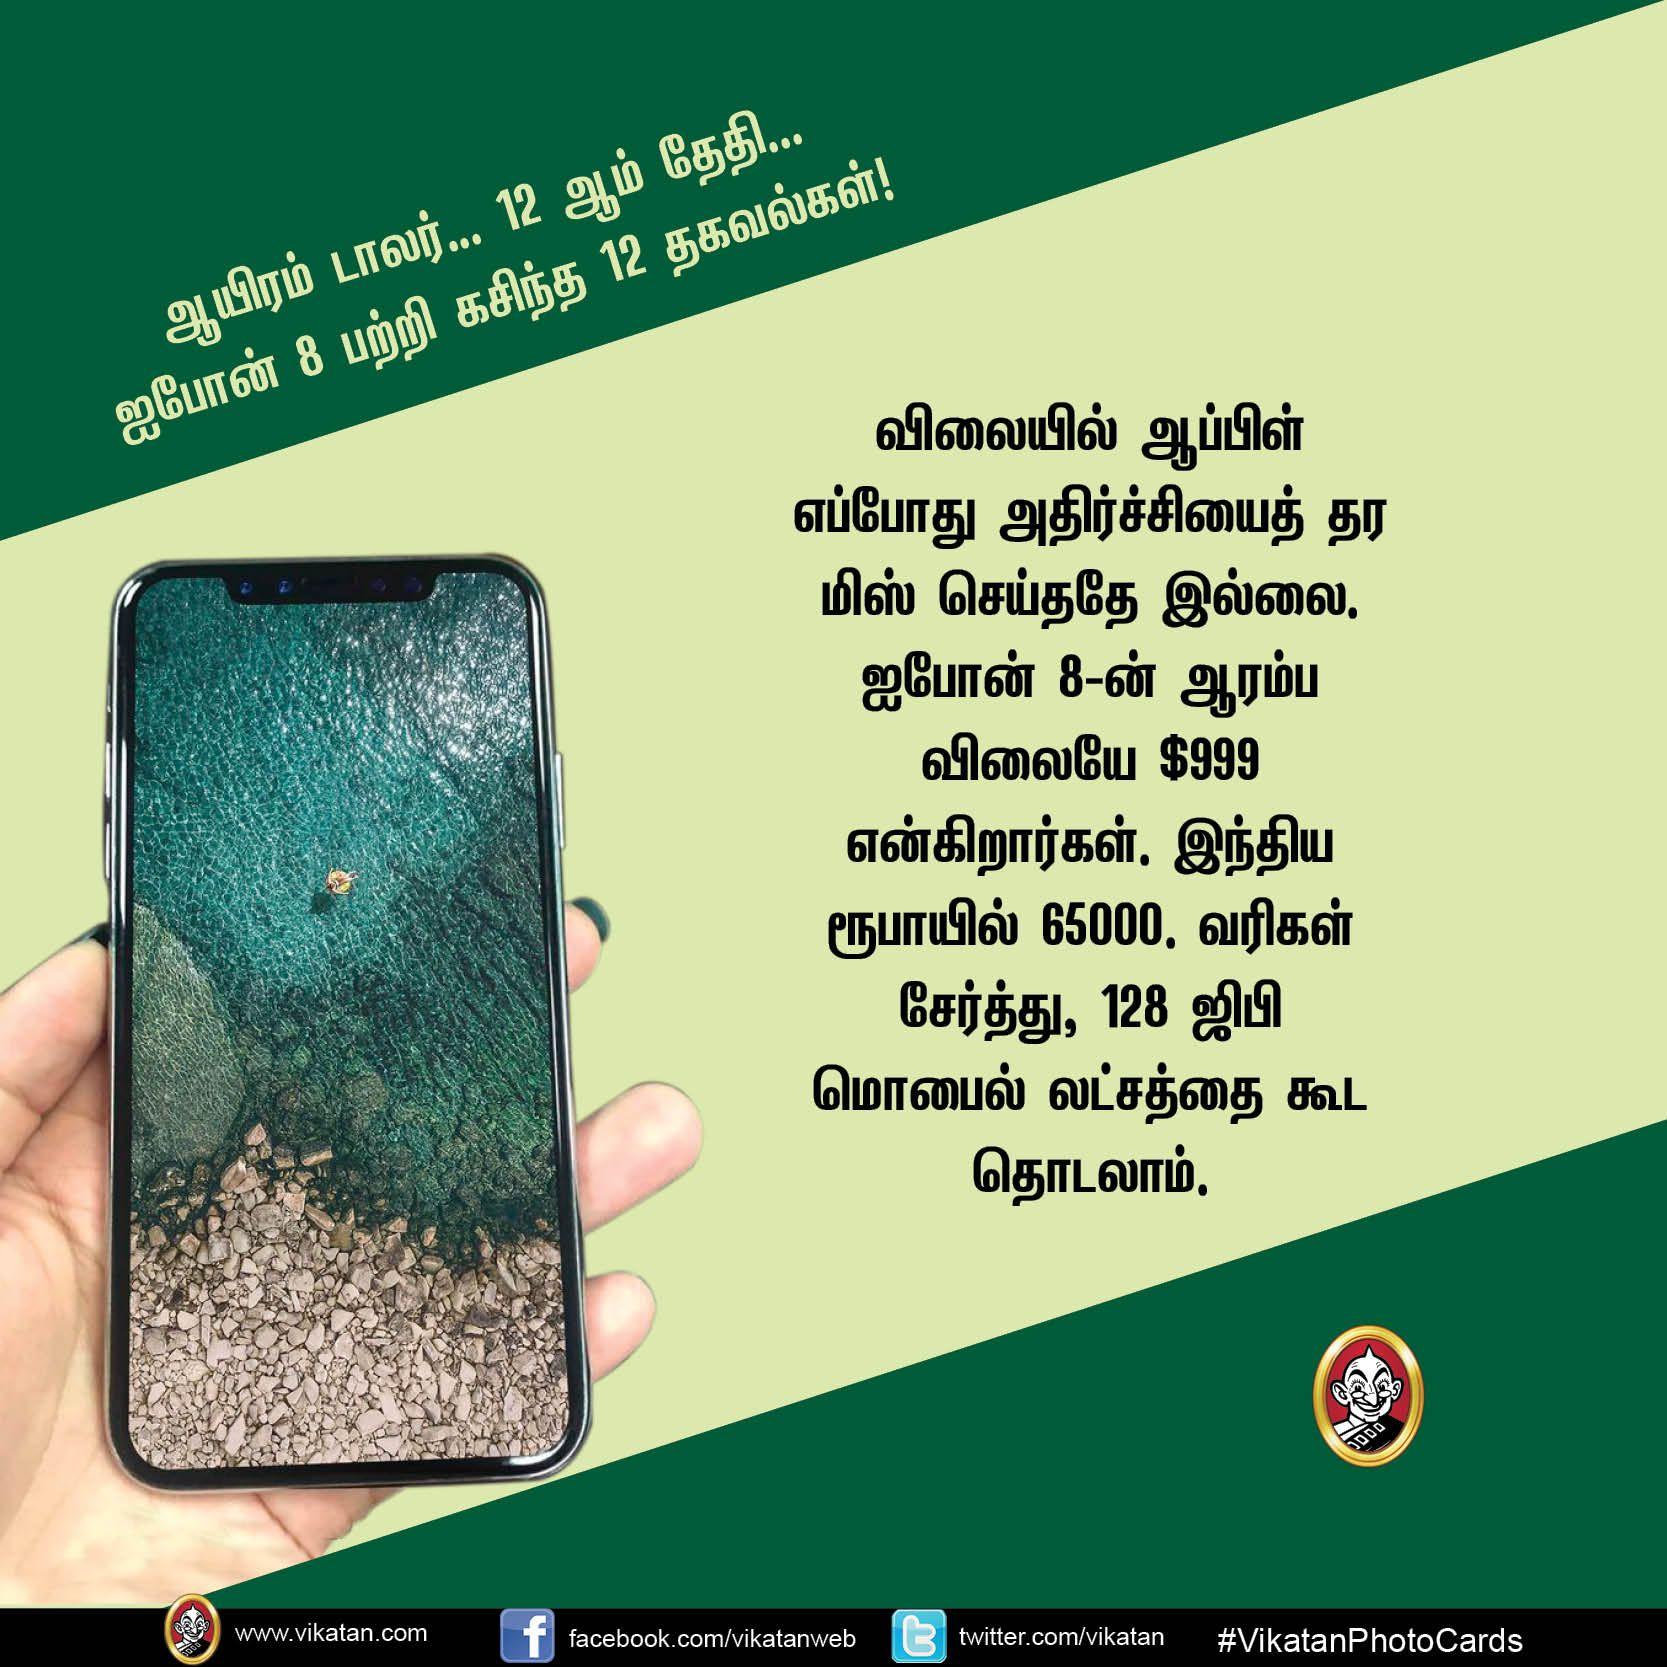 ஆயிரம் டாலர்... 12ஆம் தேதி... ஐபோன் 8 பற்றி கசிந்த 12 தகவல்கள்! #VikatanPhotoCards